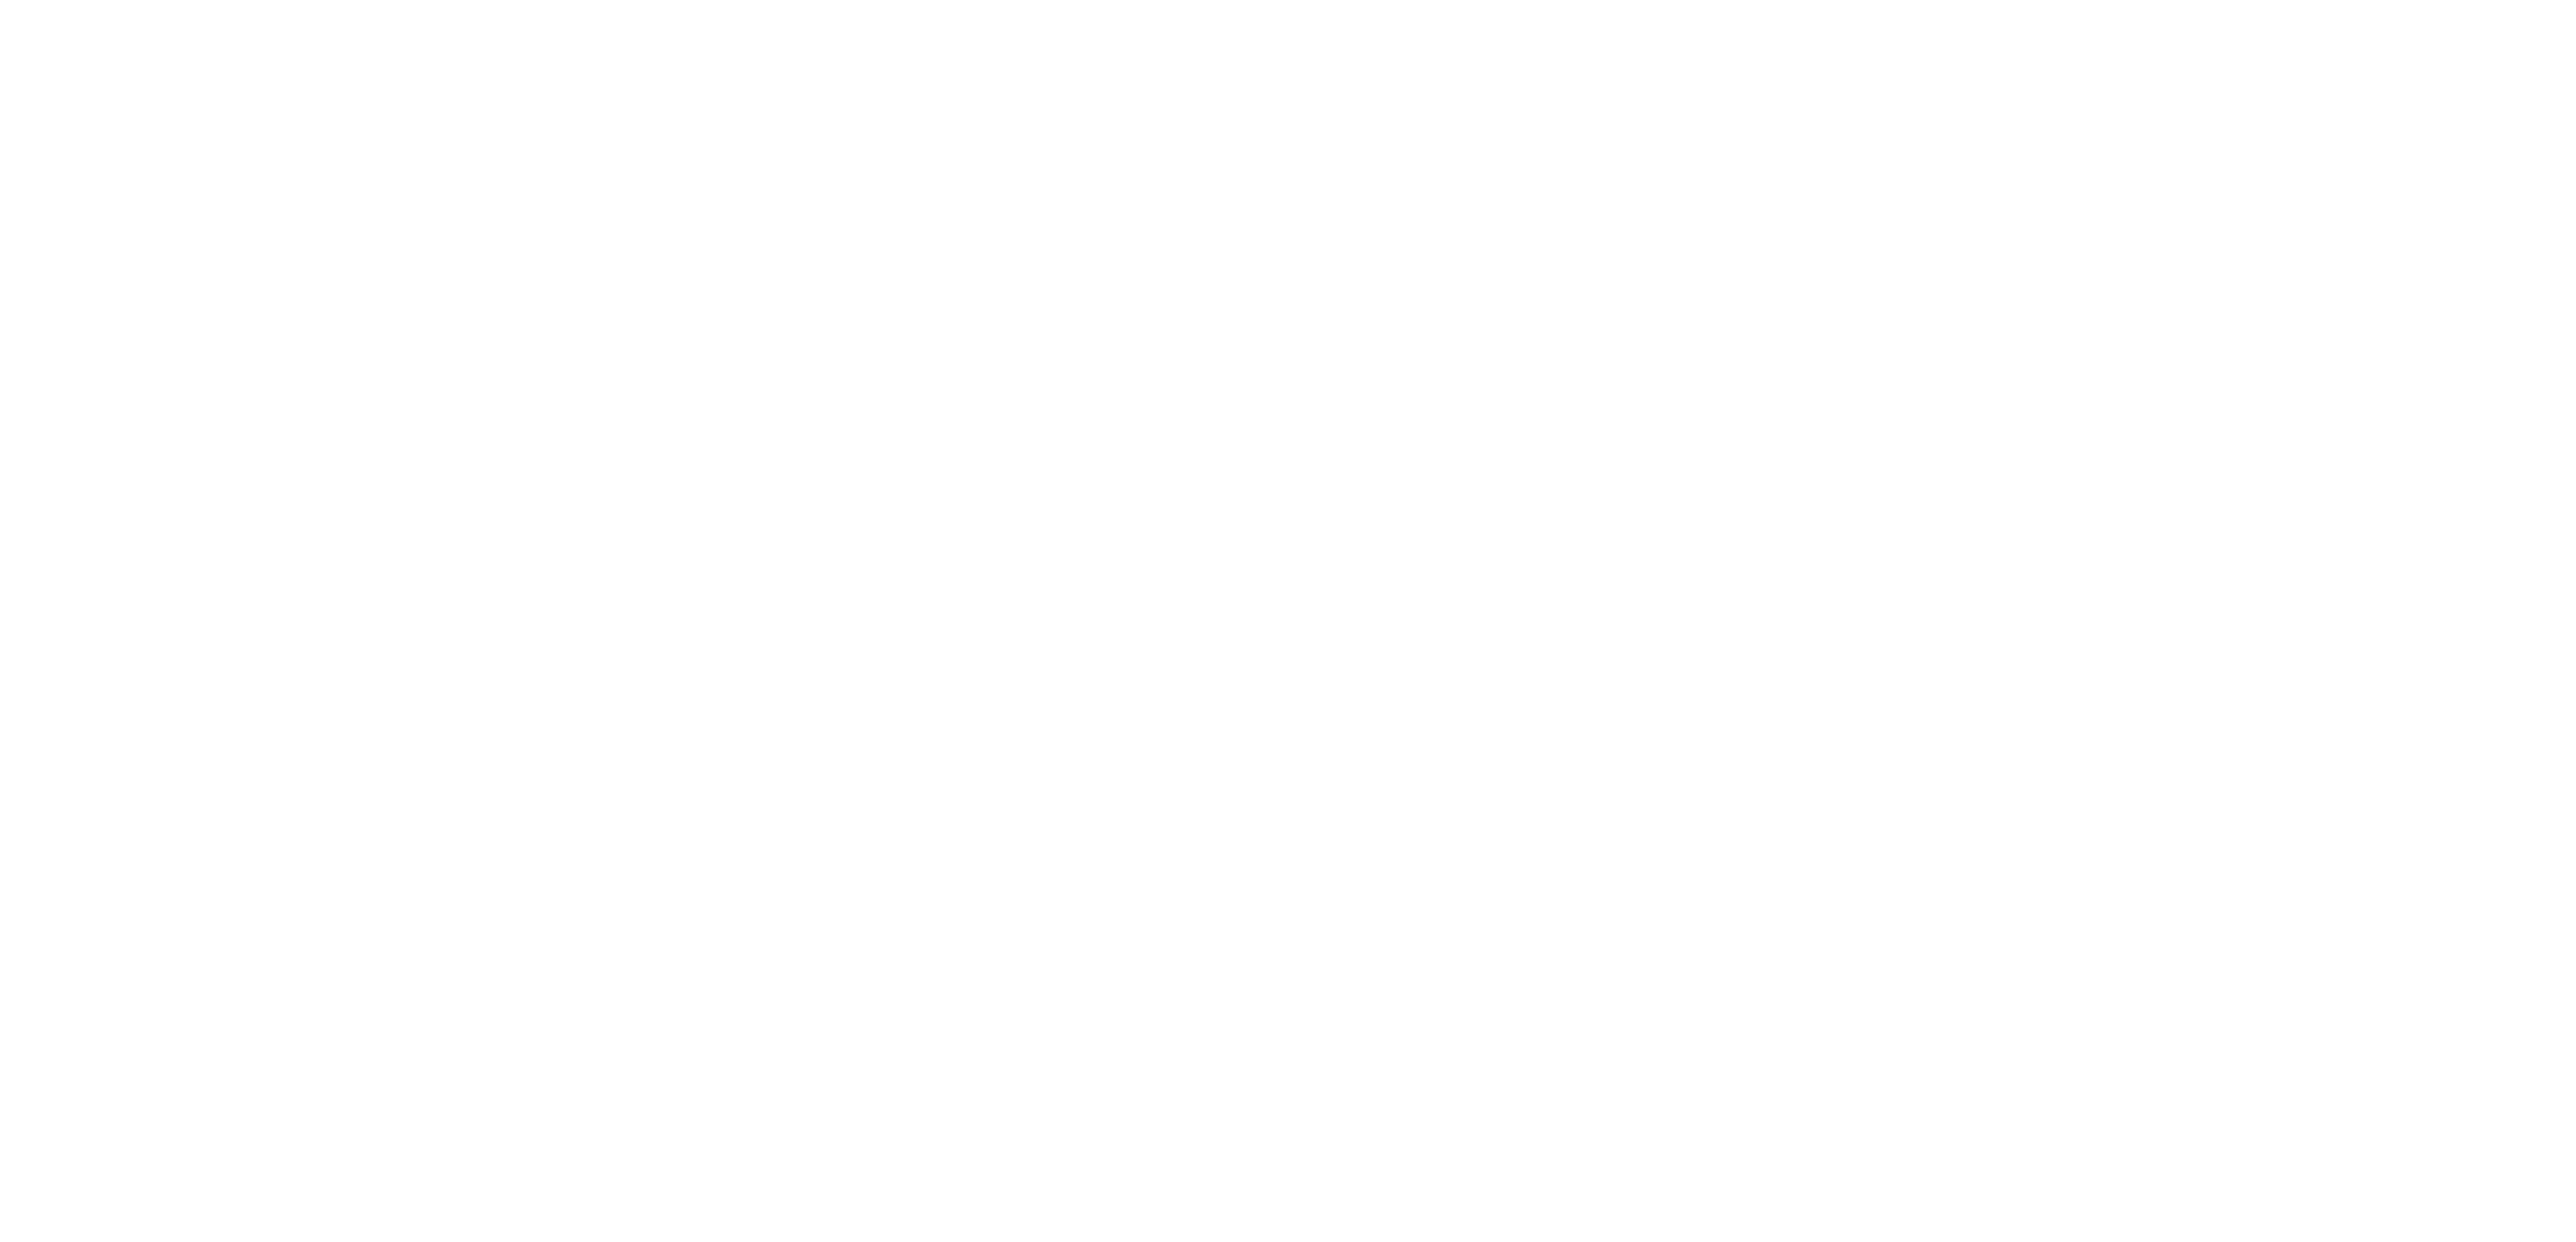 Egernsund